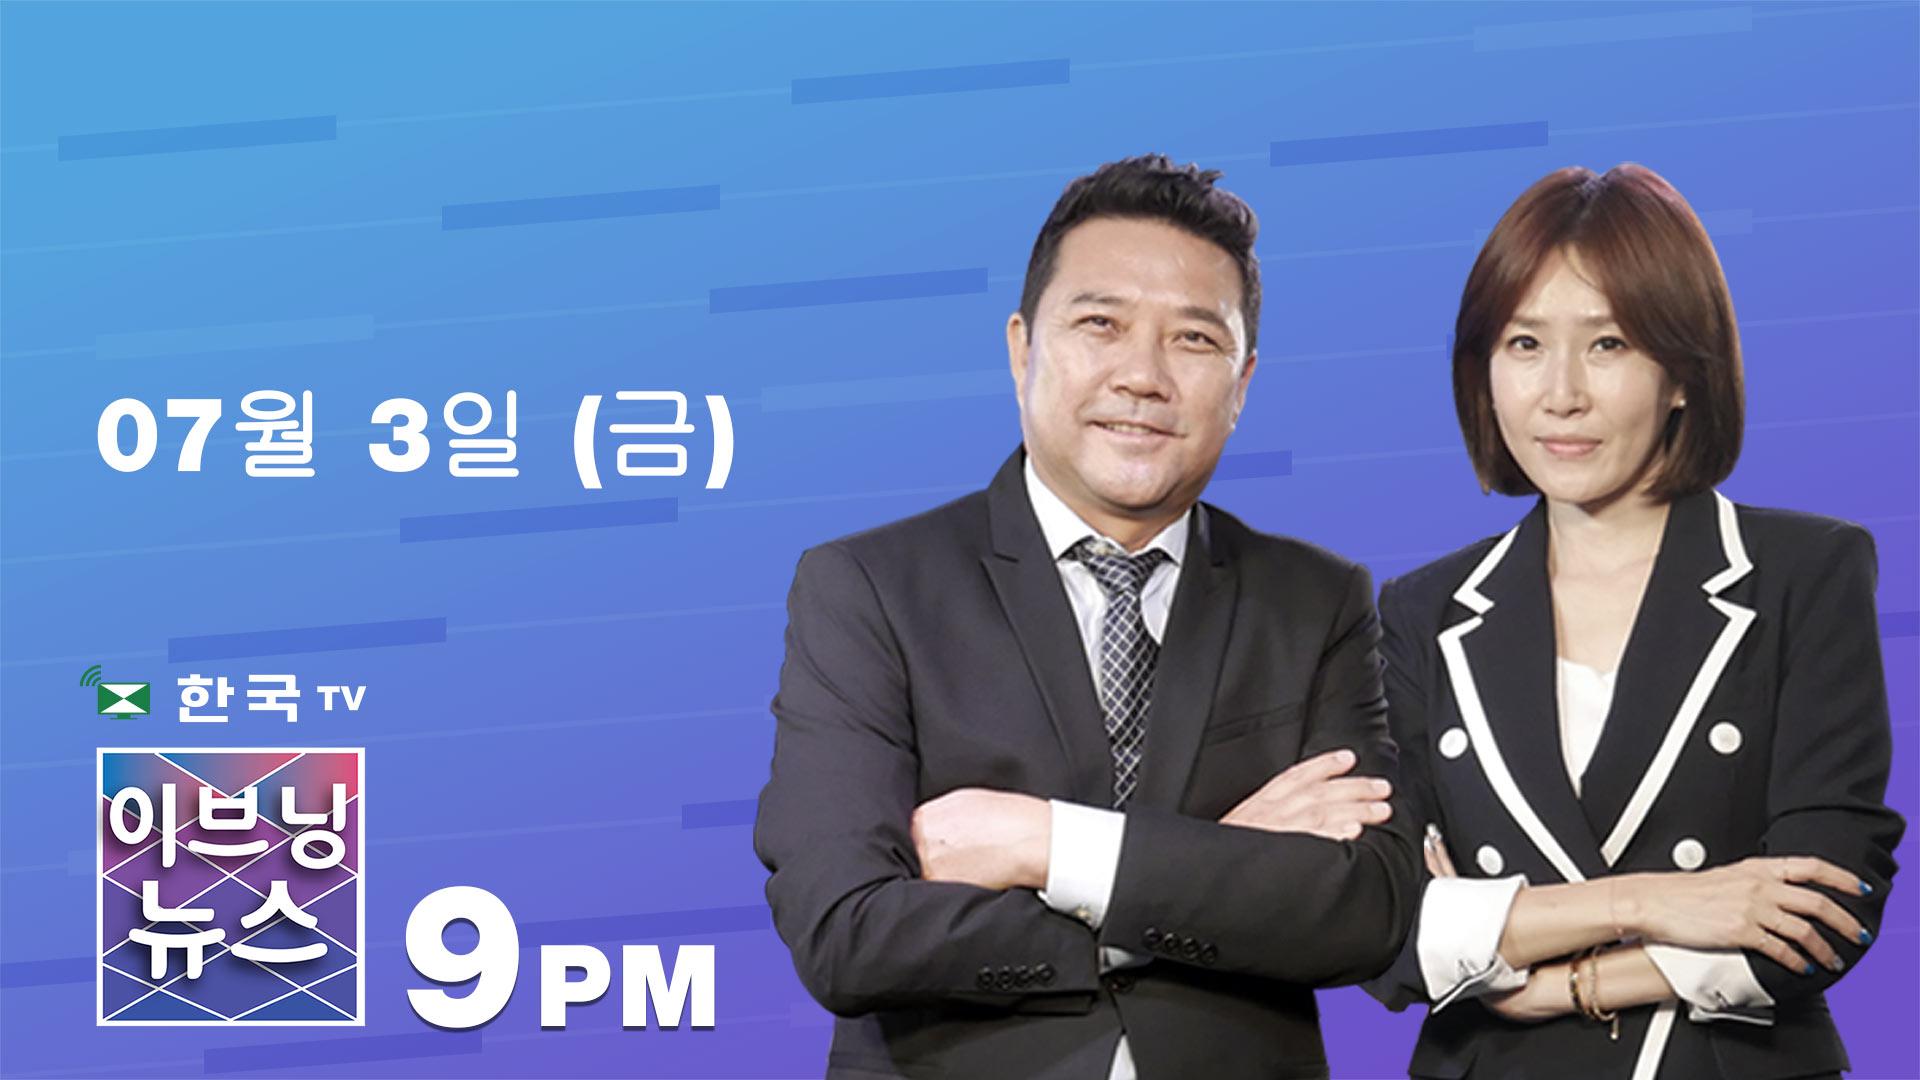 (07.03.2020) 한국TV 이브닝 뉴스